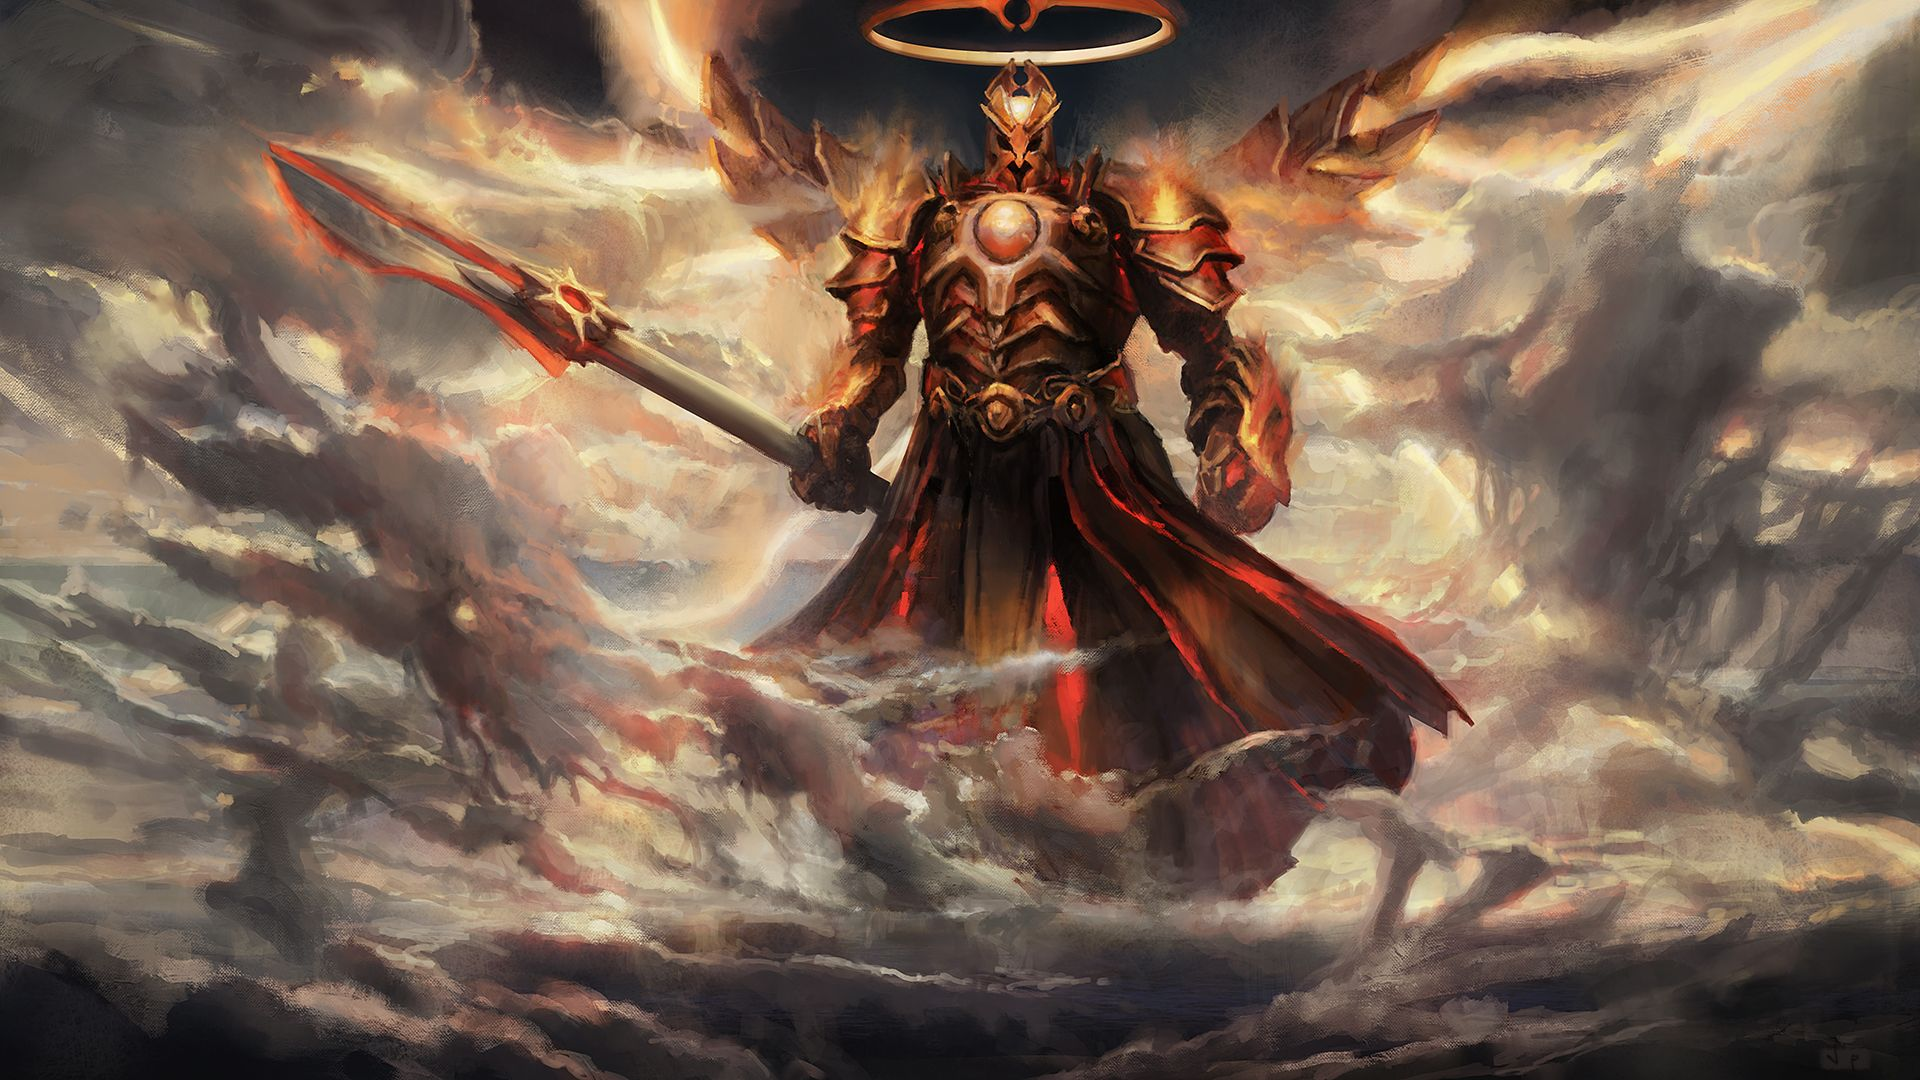 Explore Diablo 3 Concept Art And More